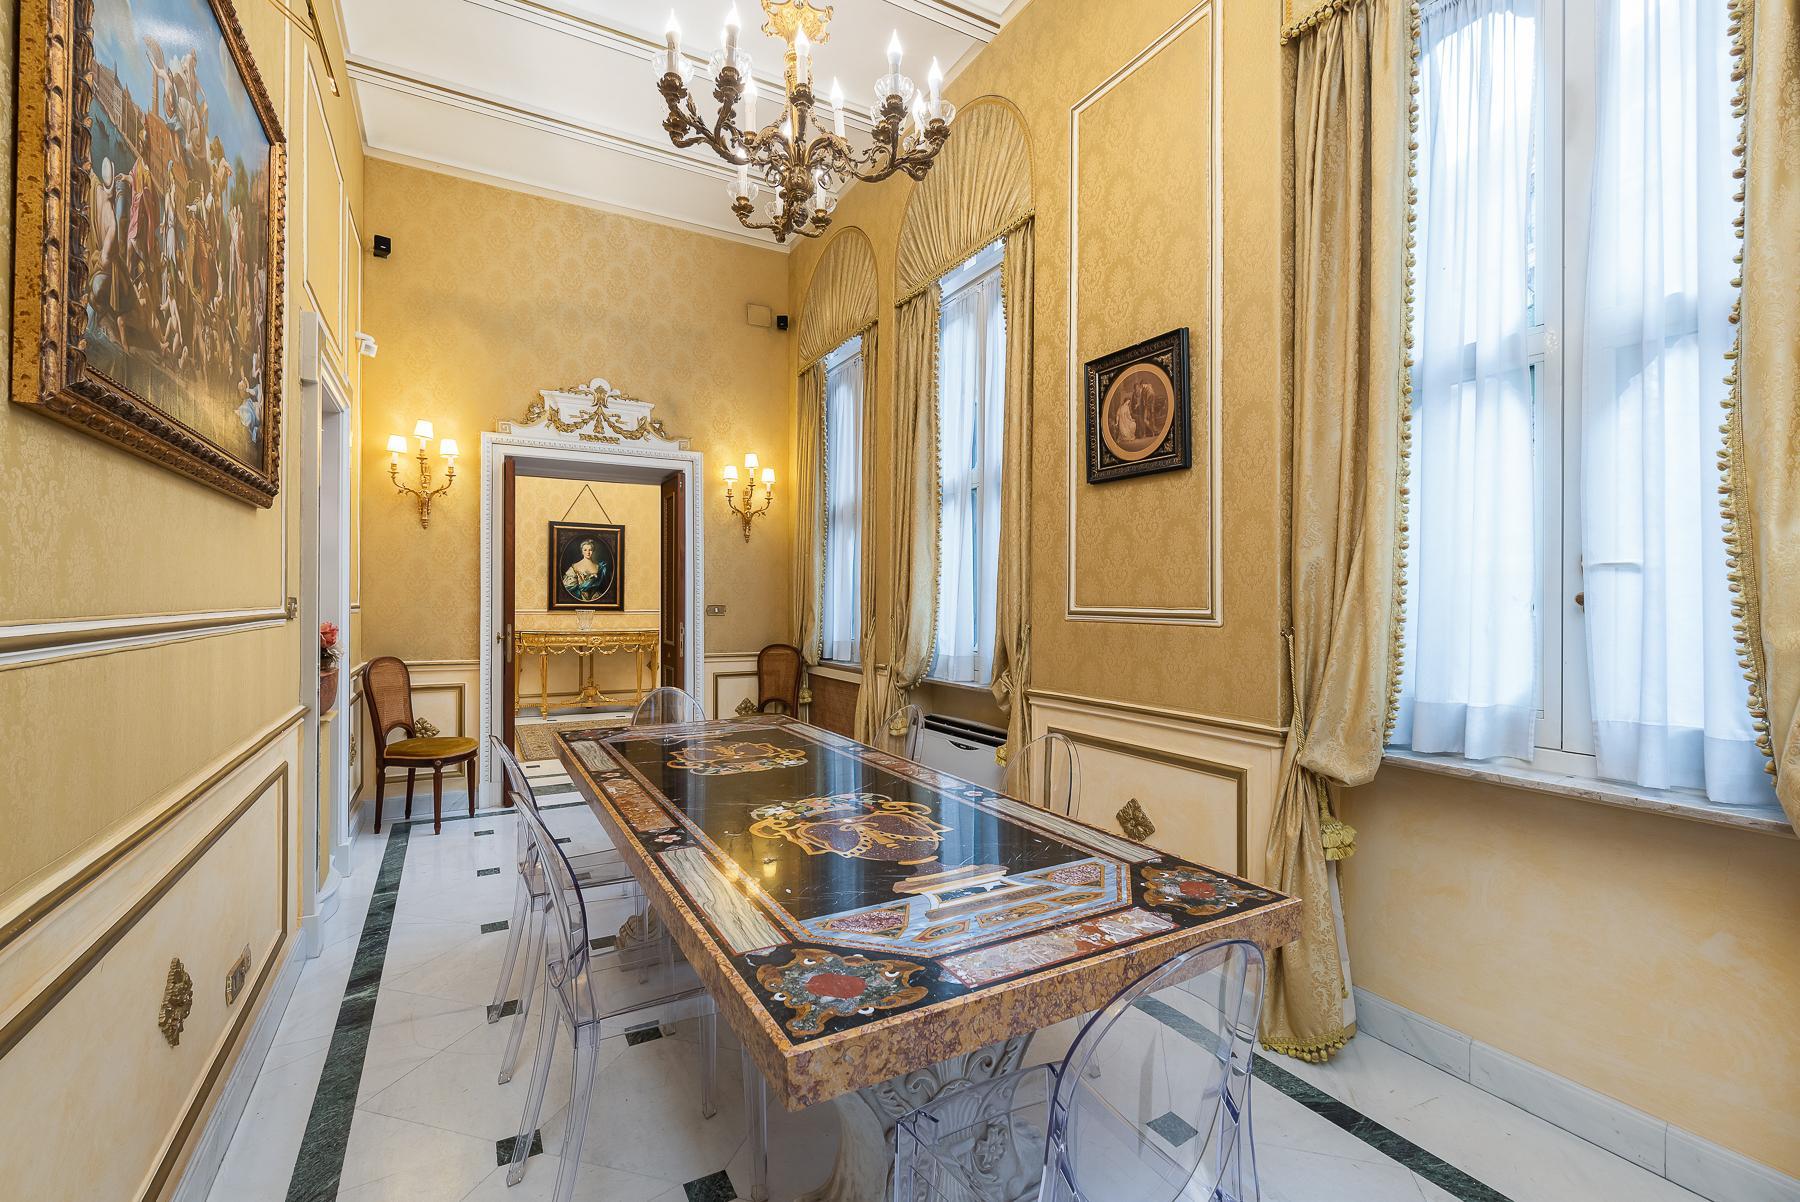 Роскошная квартира с большой террасой  в элегантном здании начала 900 года - 6